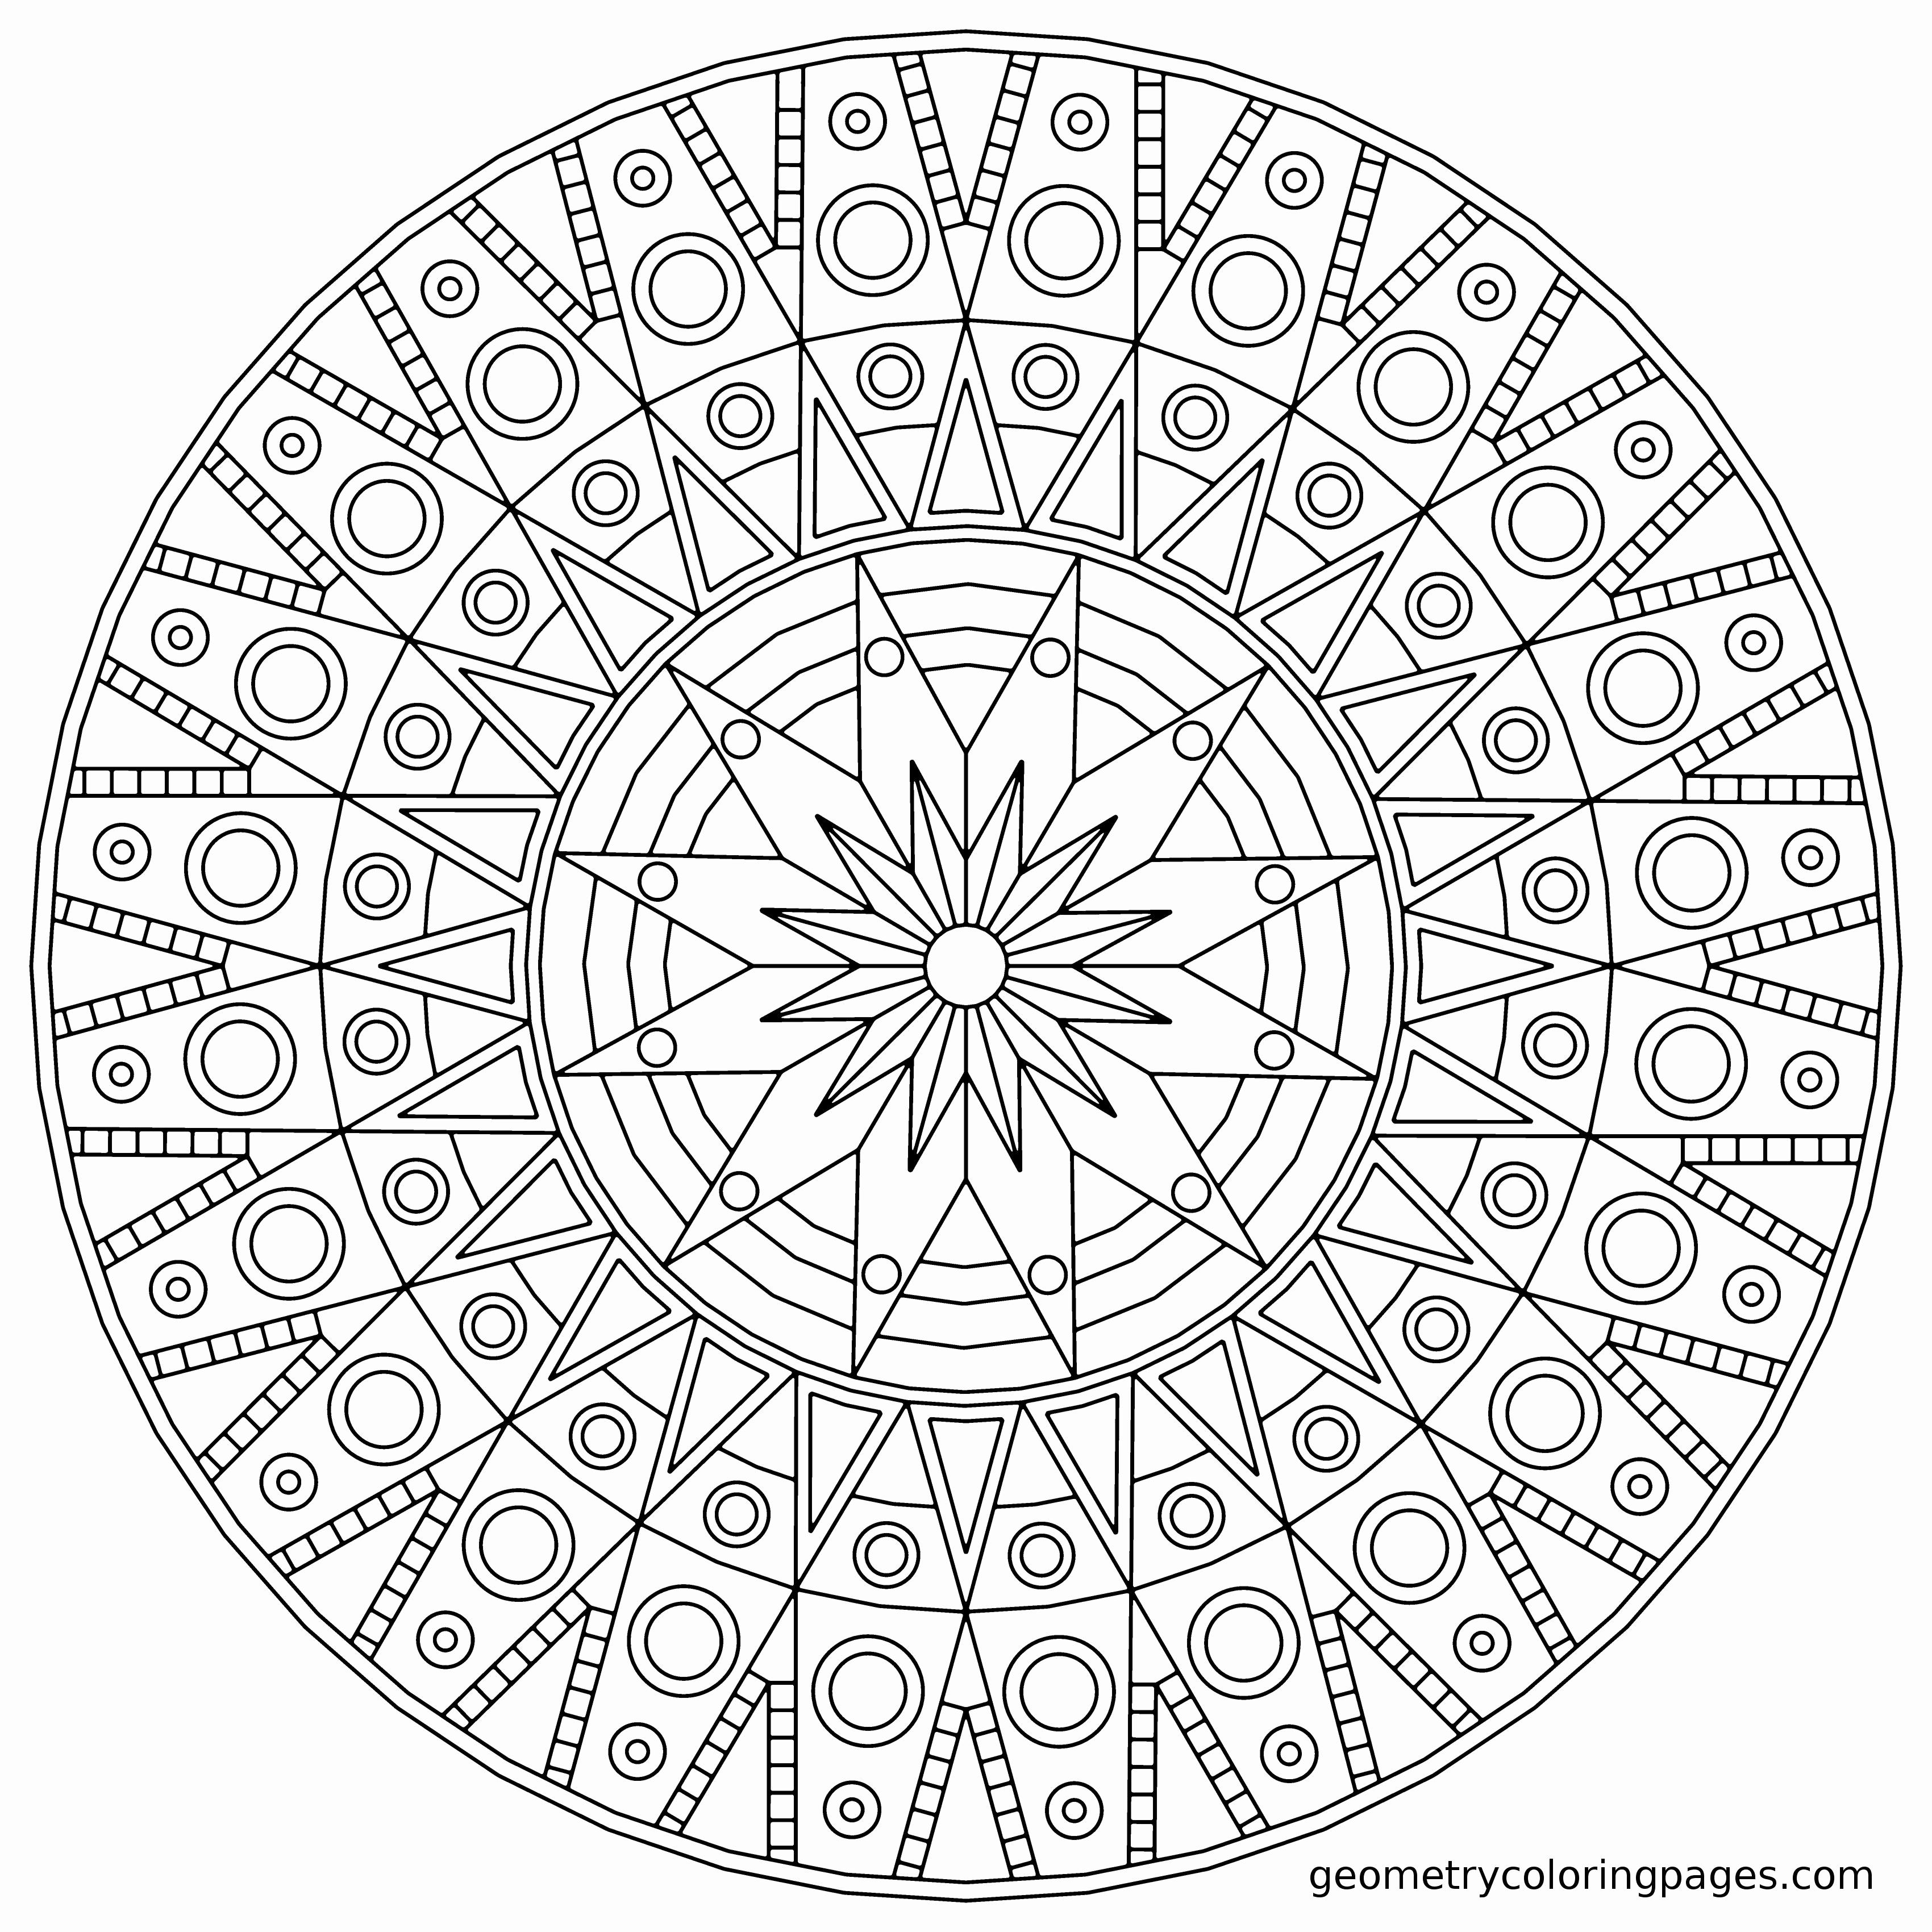 3400x3400 Mandala Coloring Pages Online Unique Best Mandala Coloring Pages